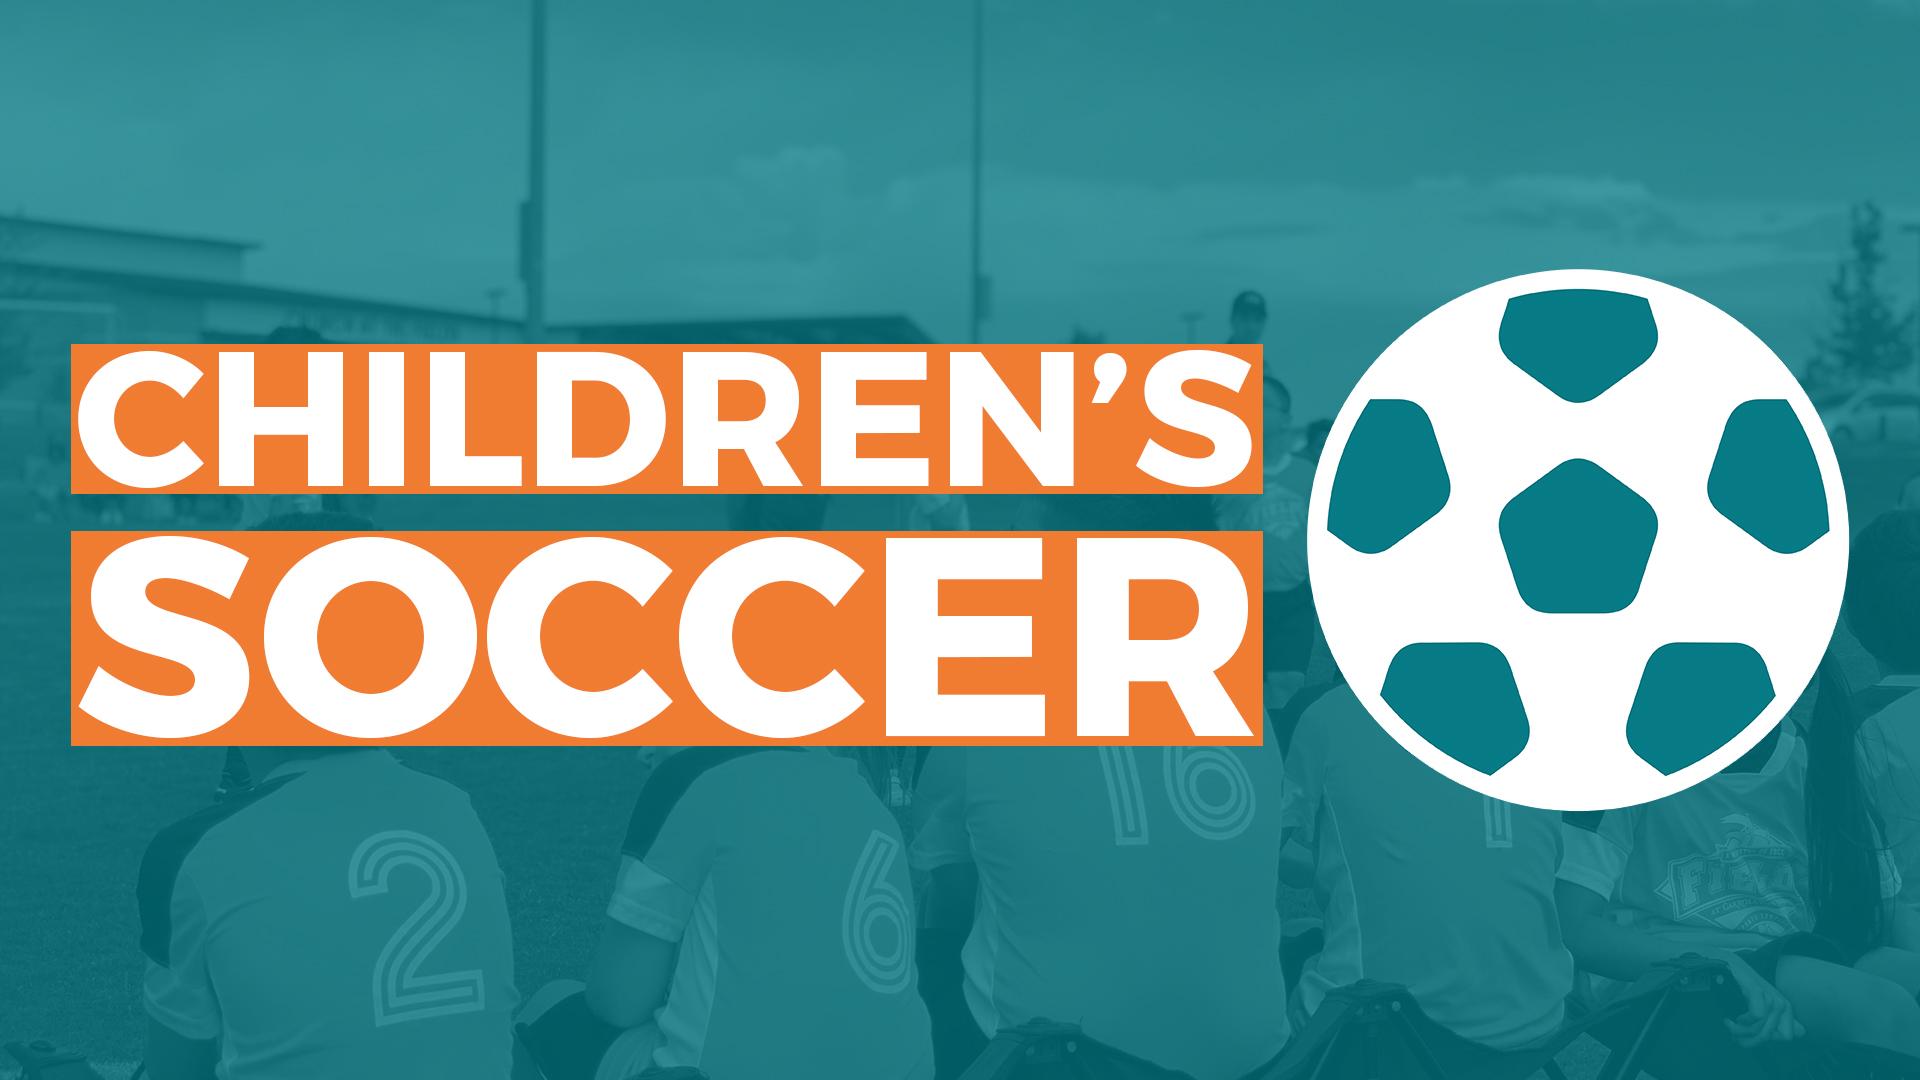 childrens-soccer.jpg